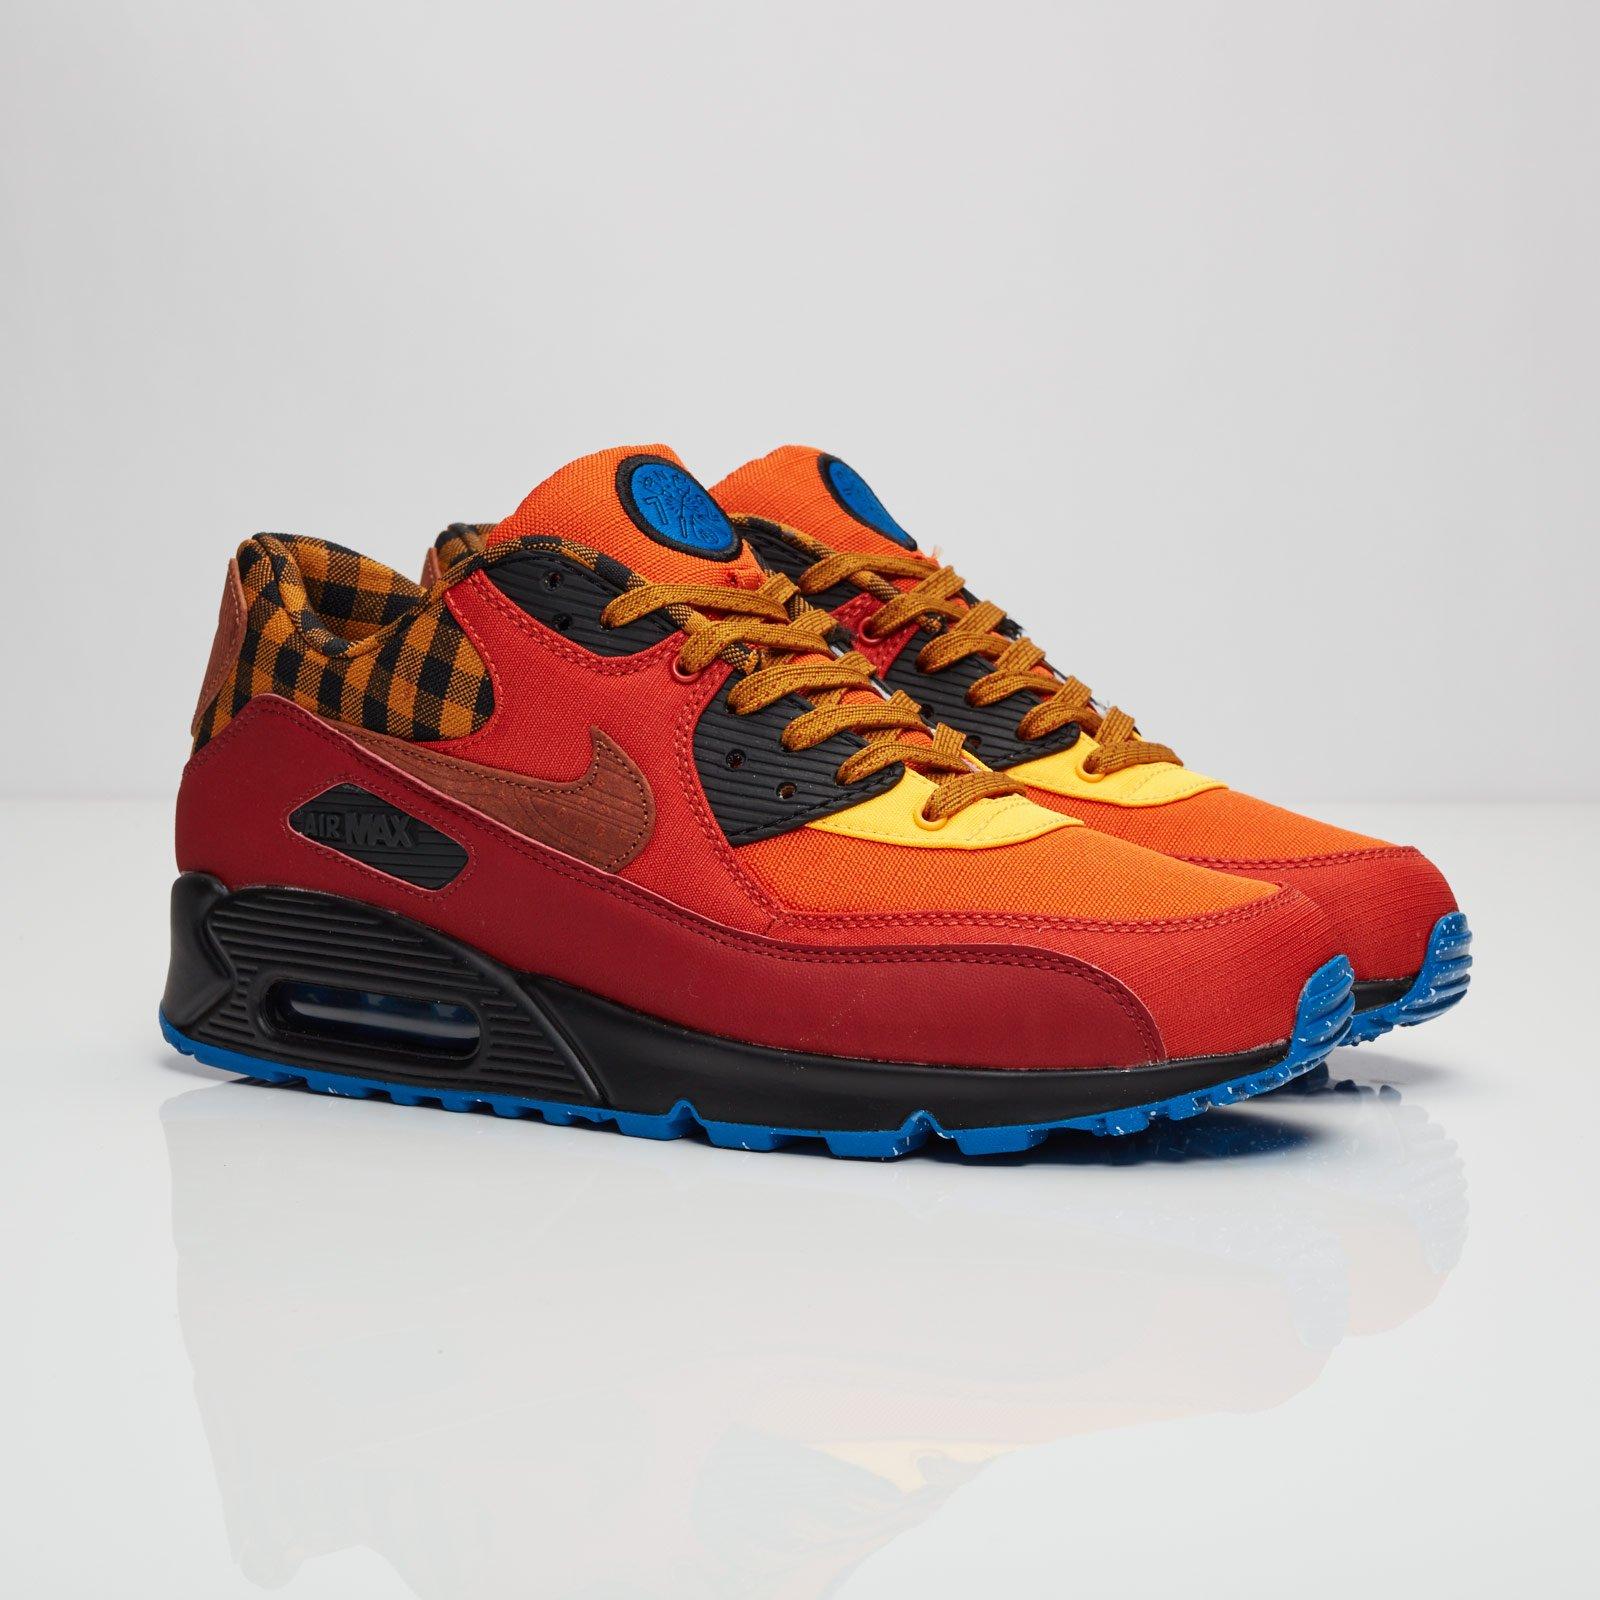 on sale 6a5ce c53a9 Nike Air Max 90 Premium